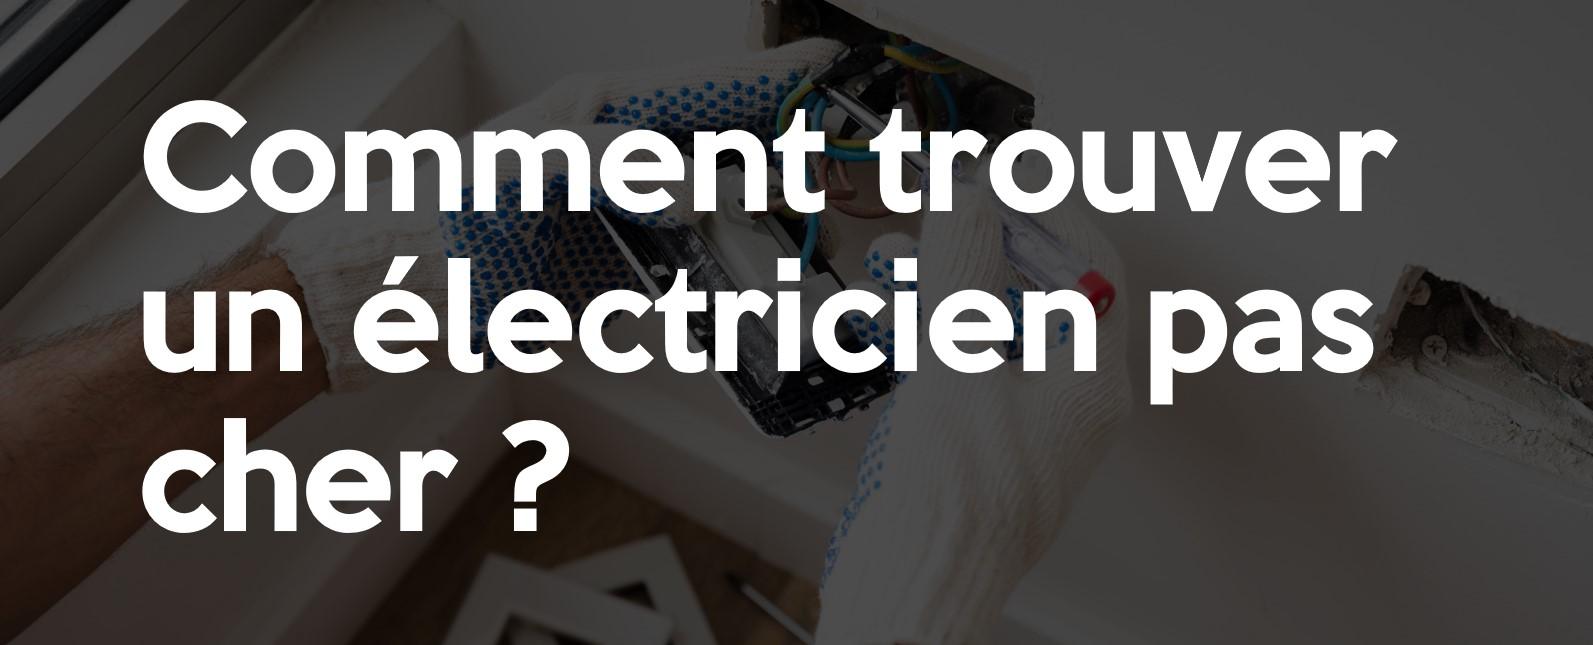 Comment trouver un électricien pas cher?